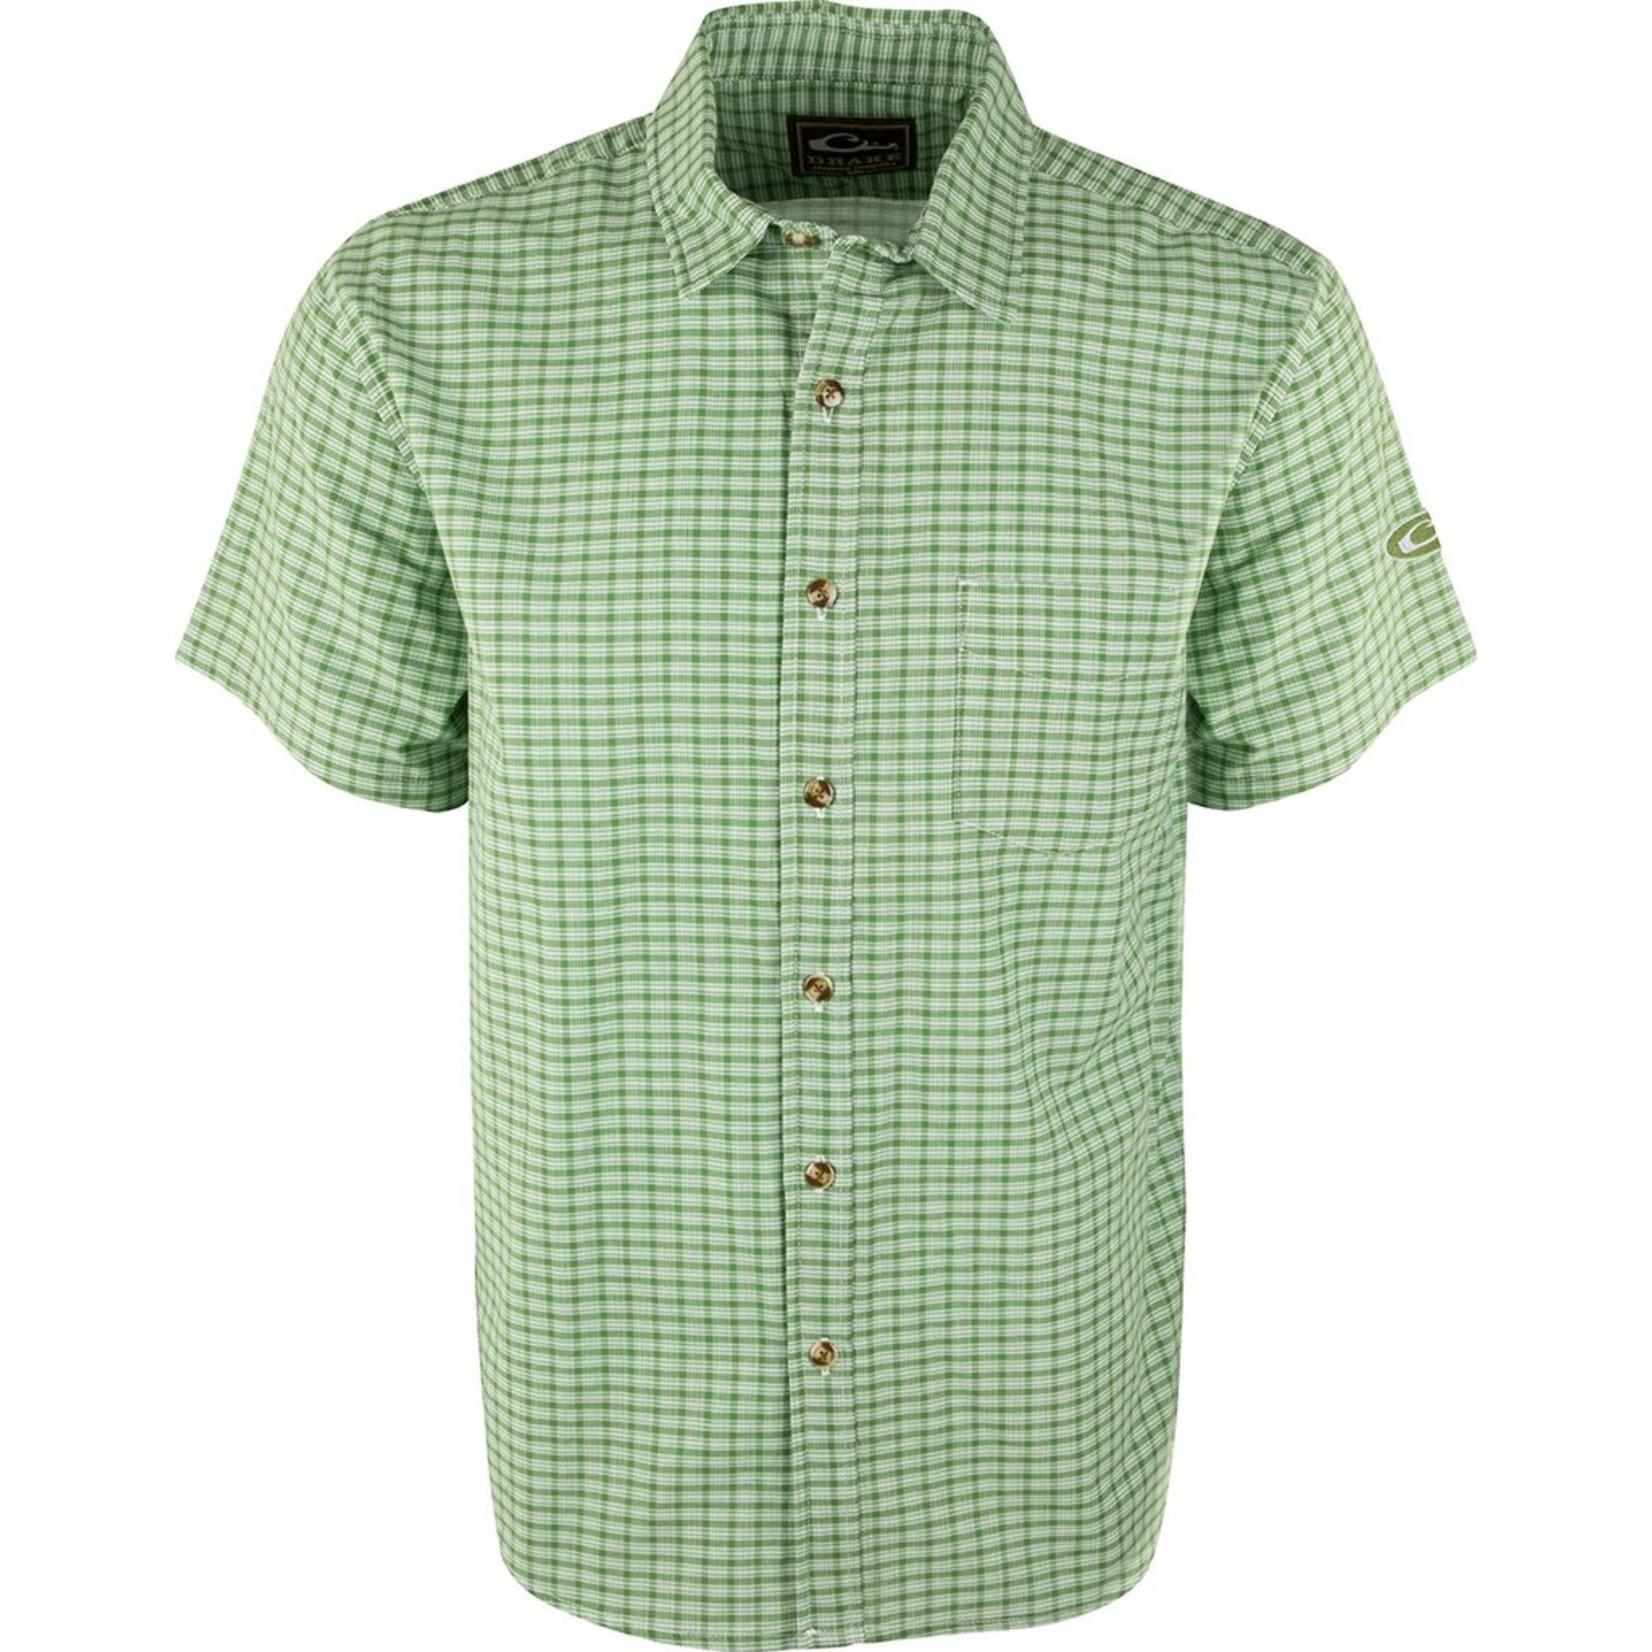 NeverTuck Shirt S/S